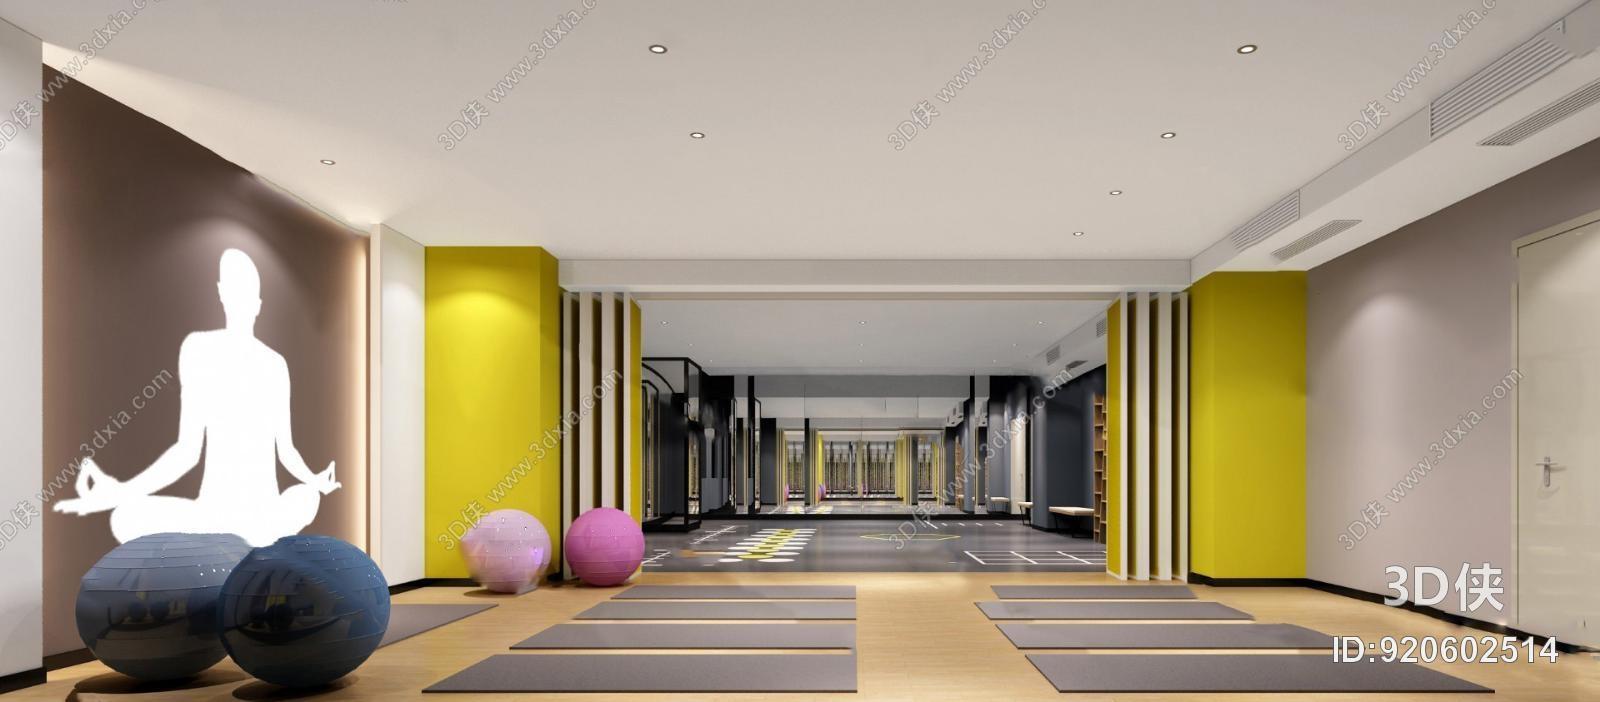 健身房效果图素材免费下载,本作品主题是现代瑜伽室3d模型,编号是图片